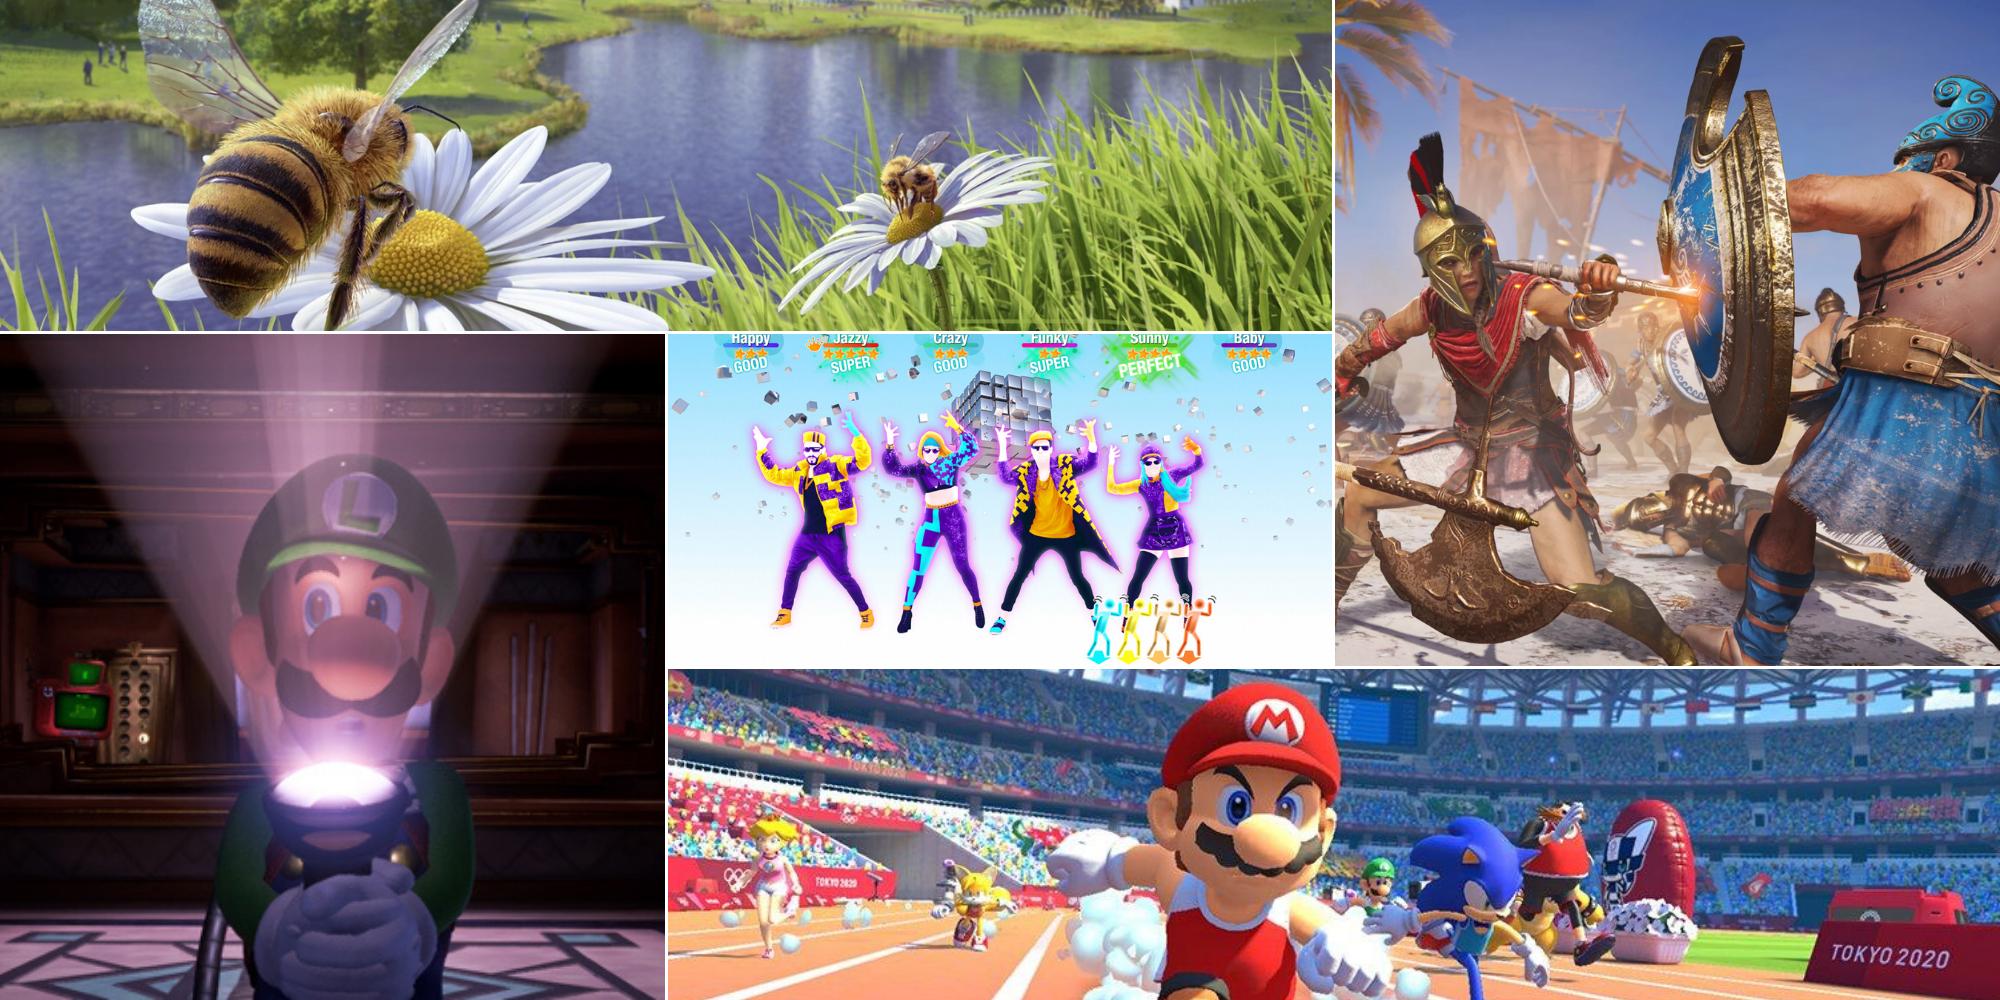 Cinq Jeux Vidéo Pour Jouer En Famille Pendant Le Confinement serapportantà Ce Soir On Joue En Famille 3